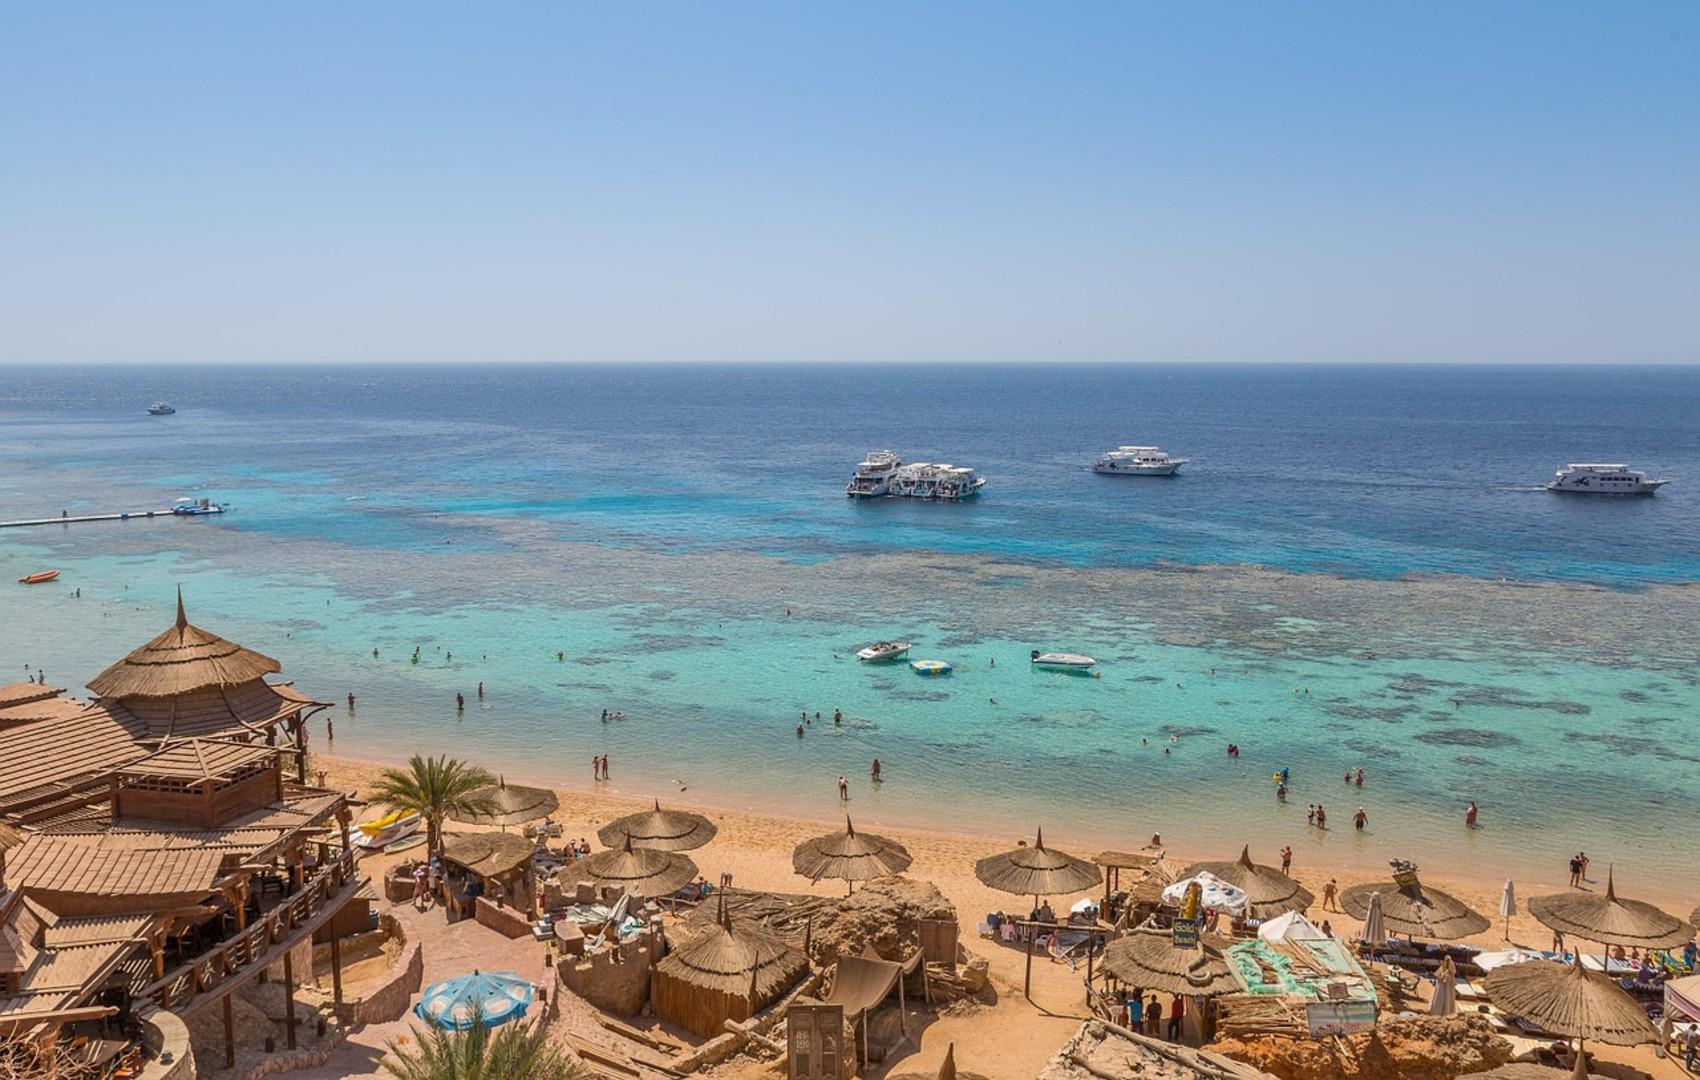 egypt-938993_1280.jpg